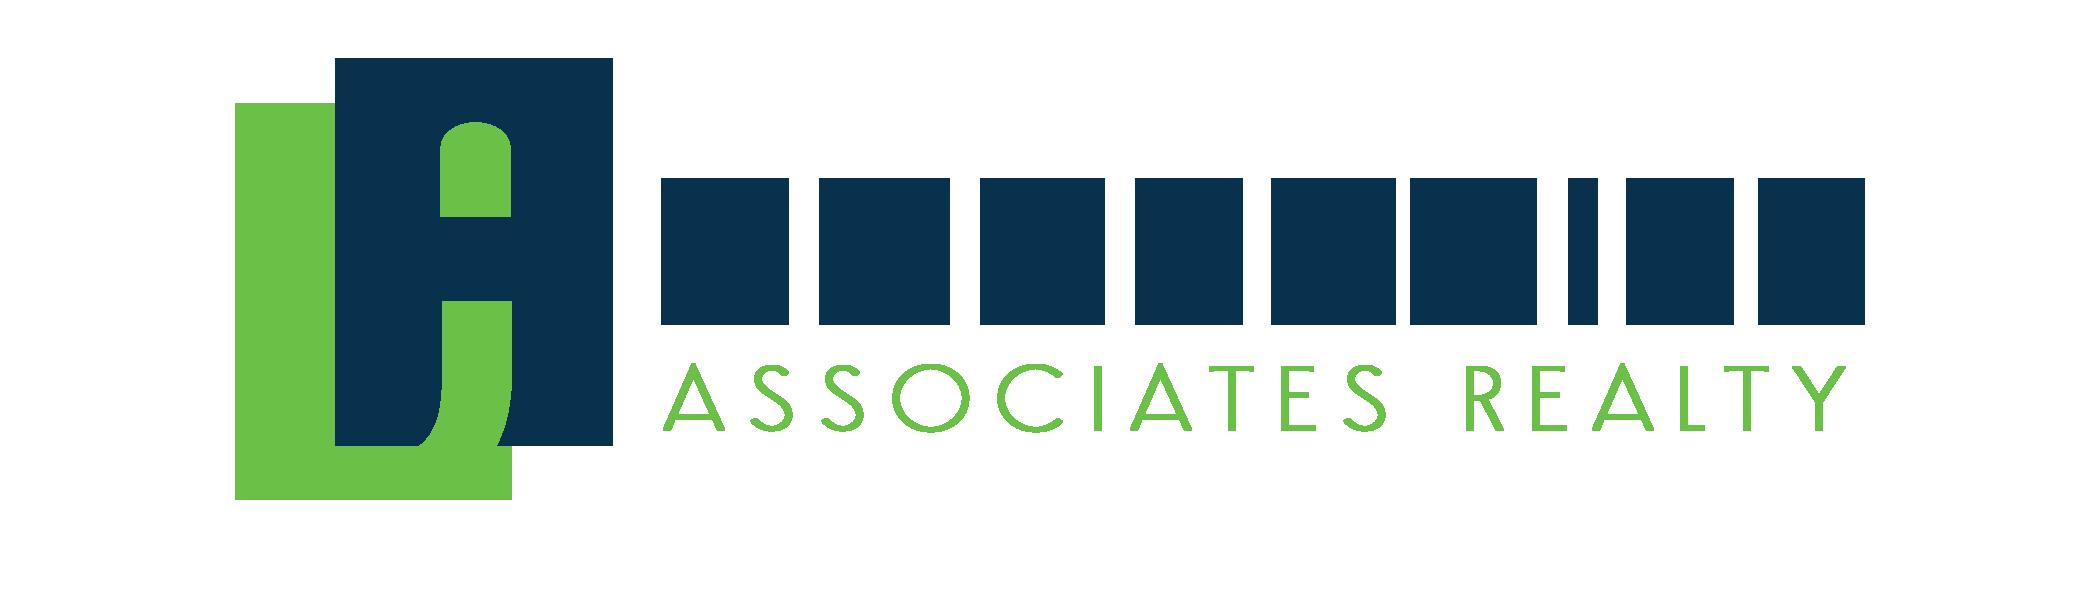 Underhill Associates Realty